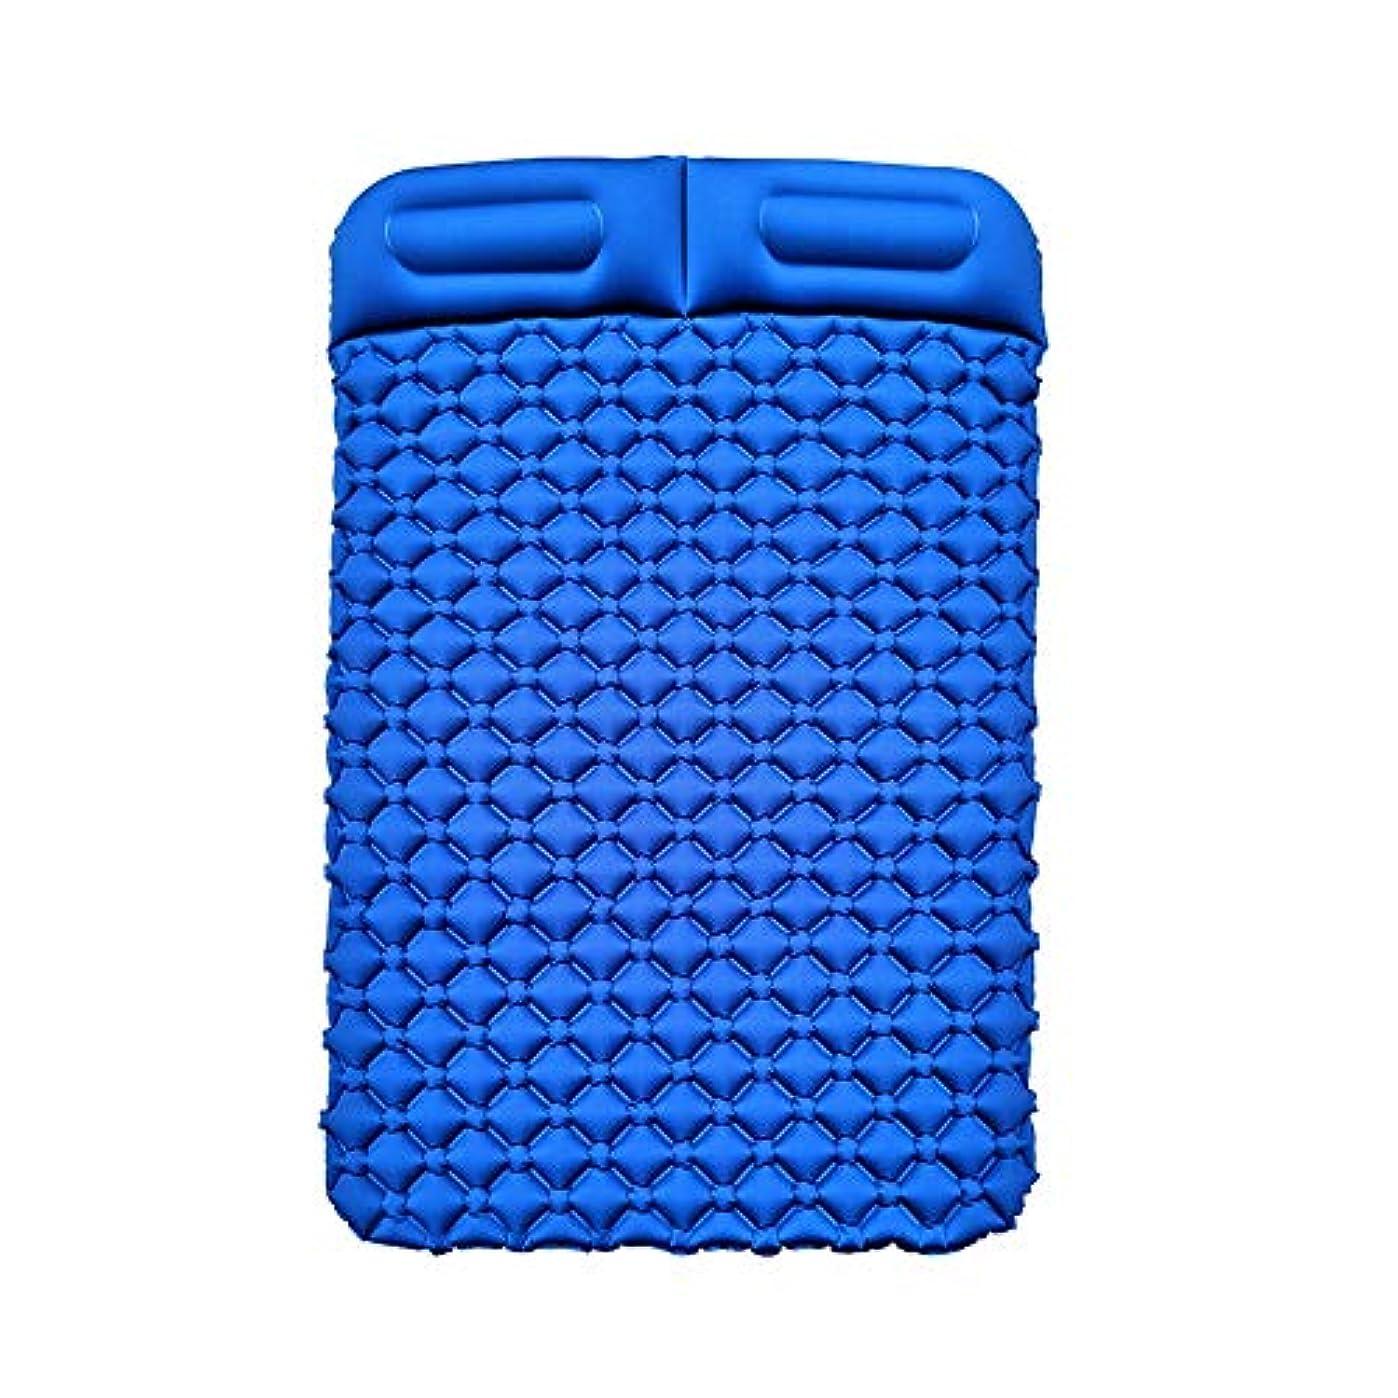 頑固なバスタブ便利さインフレータブルパッドTPU卵トラフ屋外テントスリーピングパッドダブル超軽量ポータブル水分パッドキャンプマットパッドランチブレイクスリーピングパッド、195×136×6センチ (Color : A)